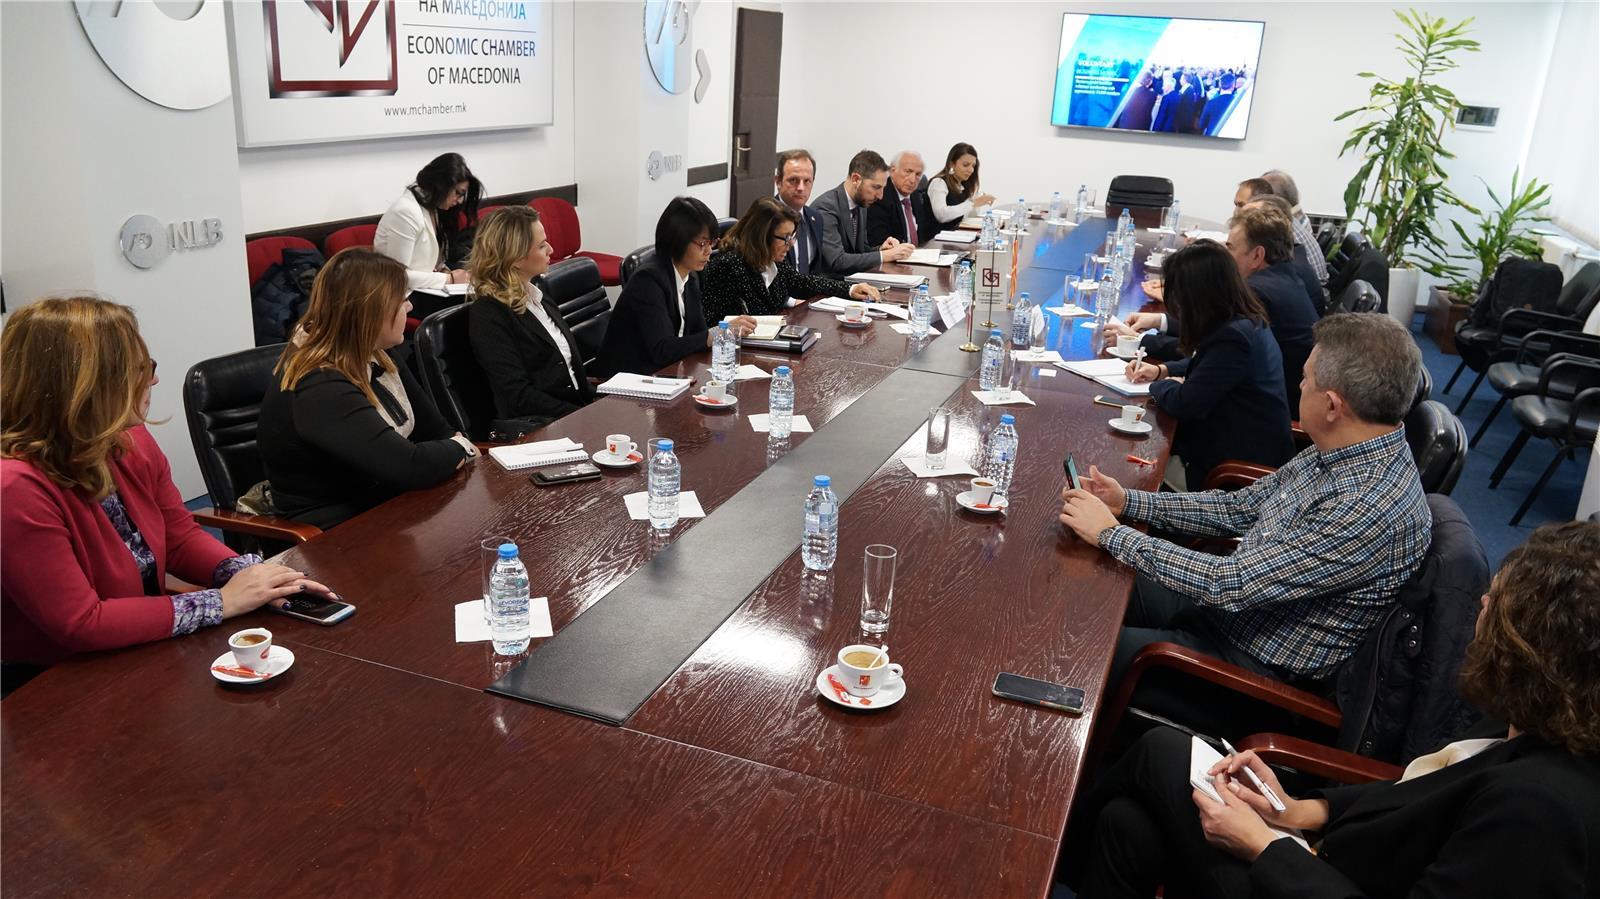 СЕВЕРИНО: Владеењето на правото и антикорупцијата - императив за стабилна економија